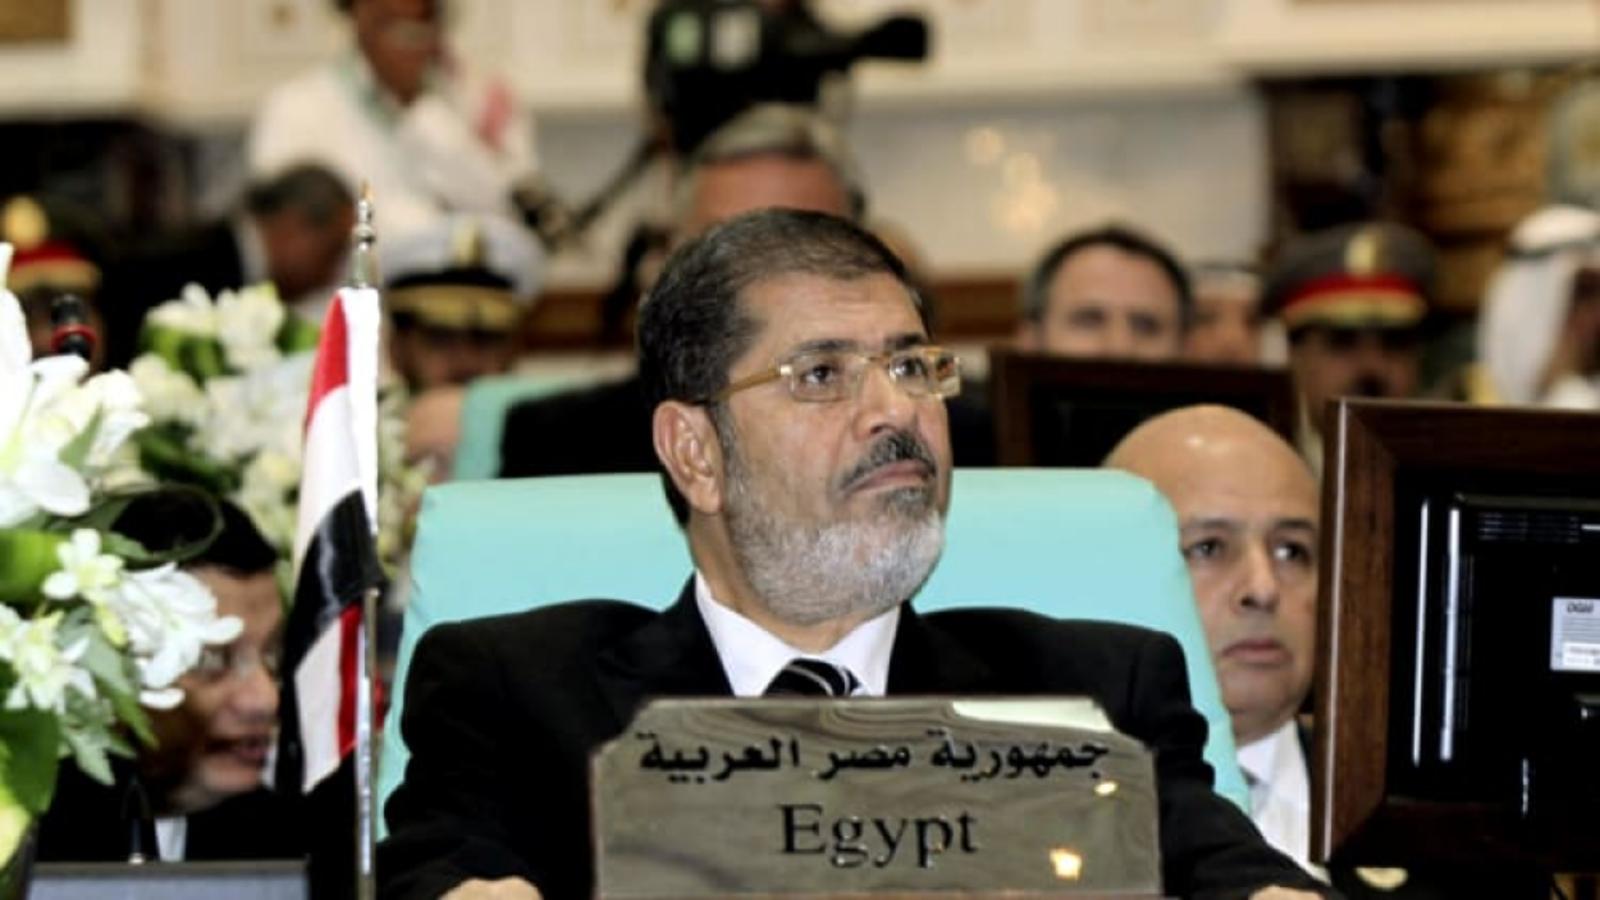 """نجل مرسي يتساءل عن """"مقتل"""" أخيه بعد تقرير أممي عن وفاة والده"""